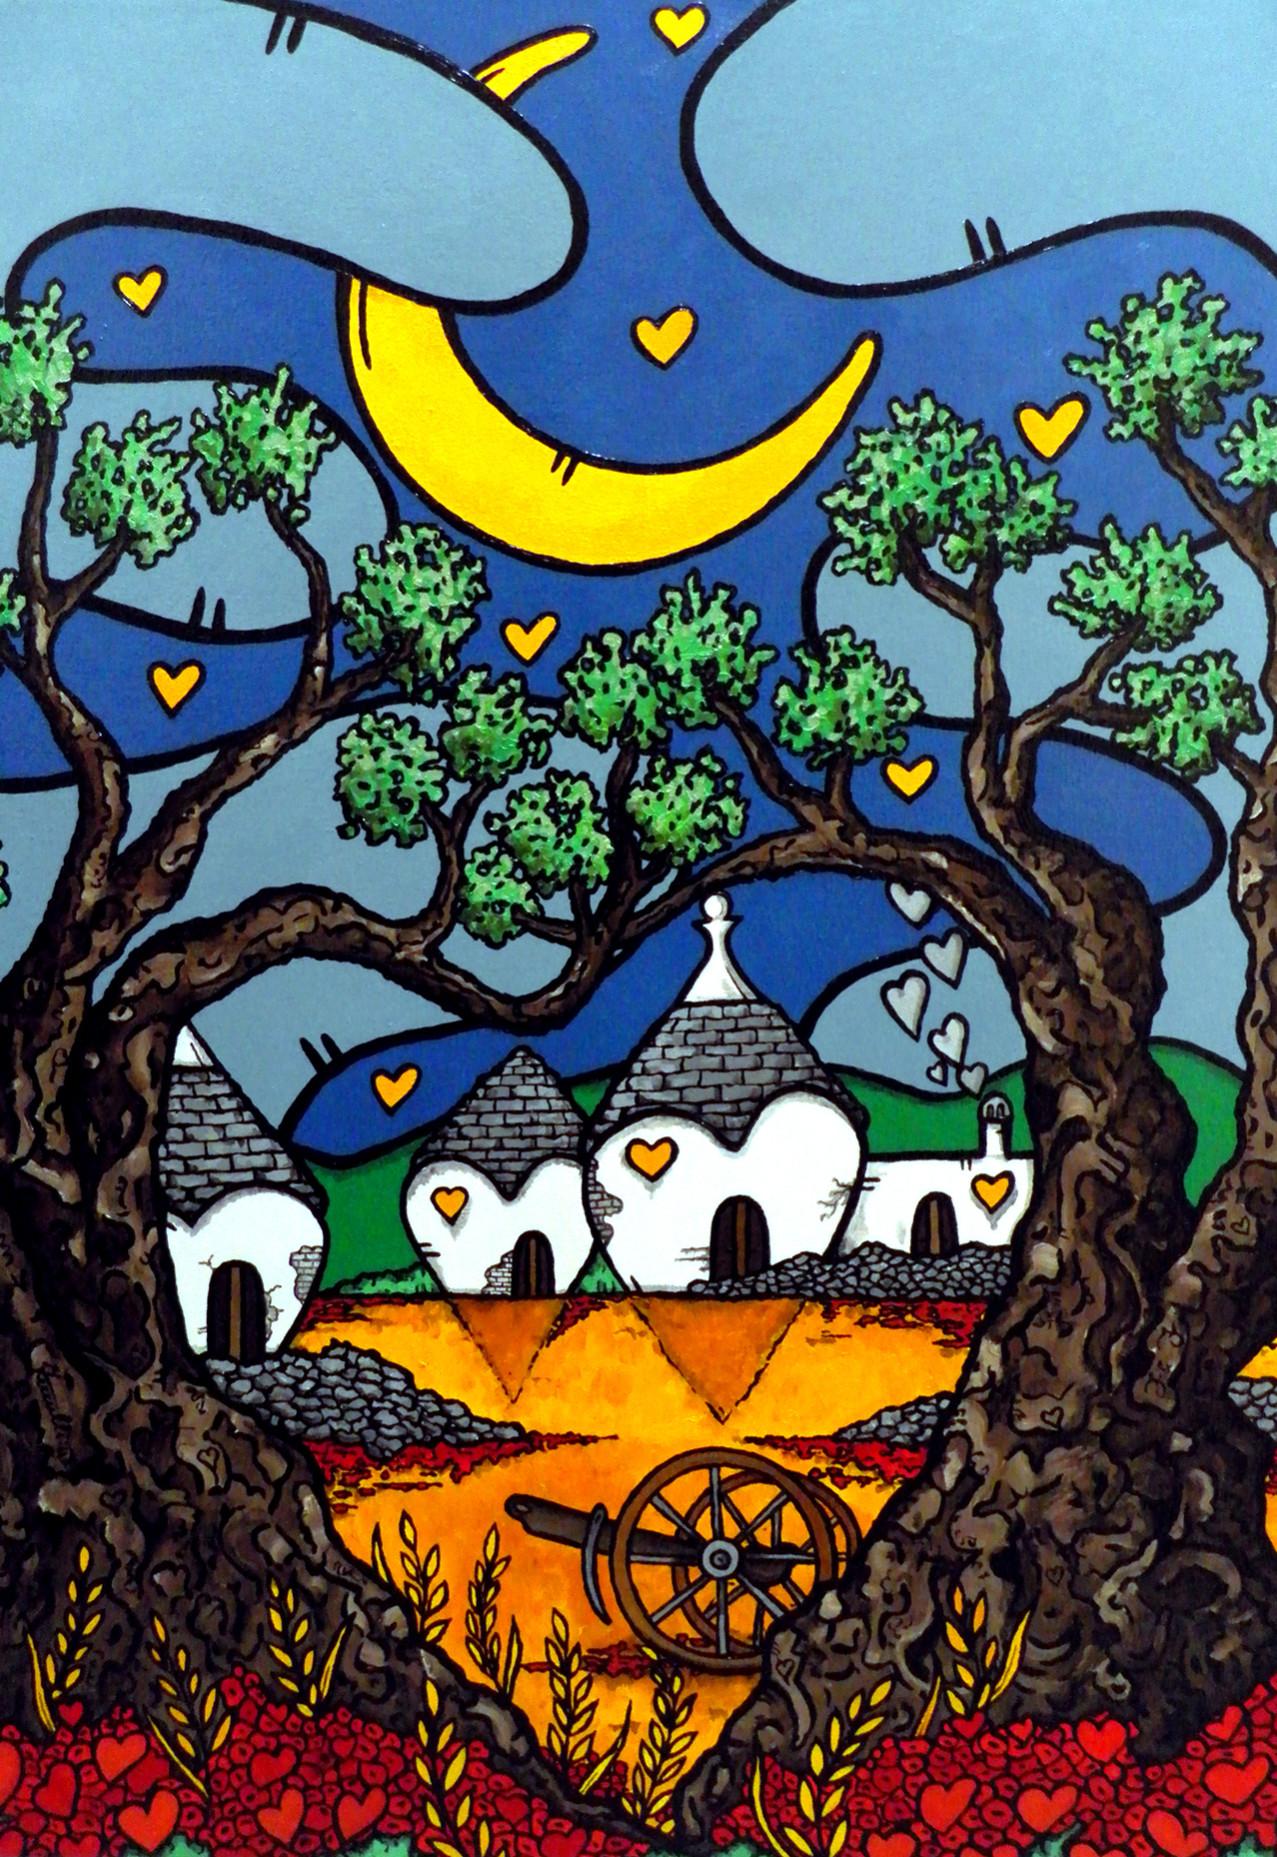 opera d'arte, contornismo metafisico, francesco ferrulli, pittore pugliese, artista italiano, arte contemporanea, dipinto, olio su tela, paesaggi pugliesi, puglia, quadro colorato, oil on canvas, art, painter, luna, ulivo, cuori, nuvole, trulli, naturalmente amore